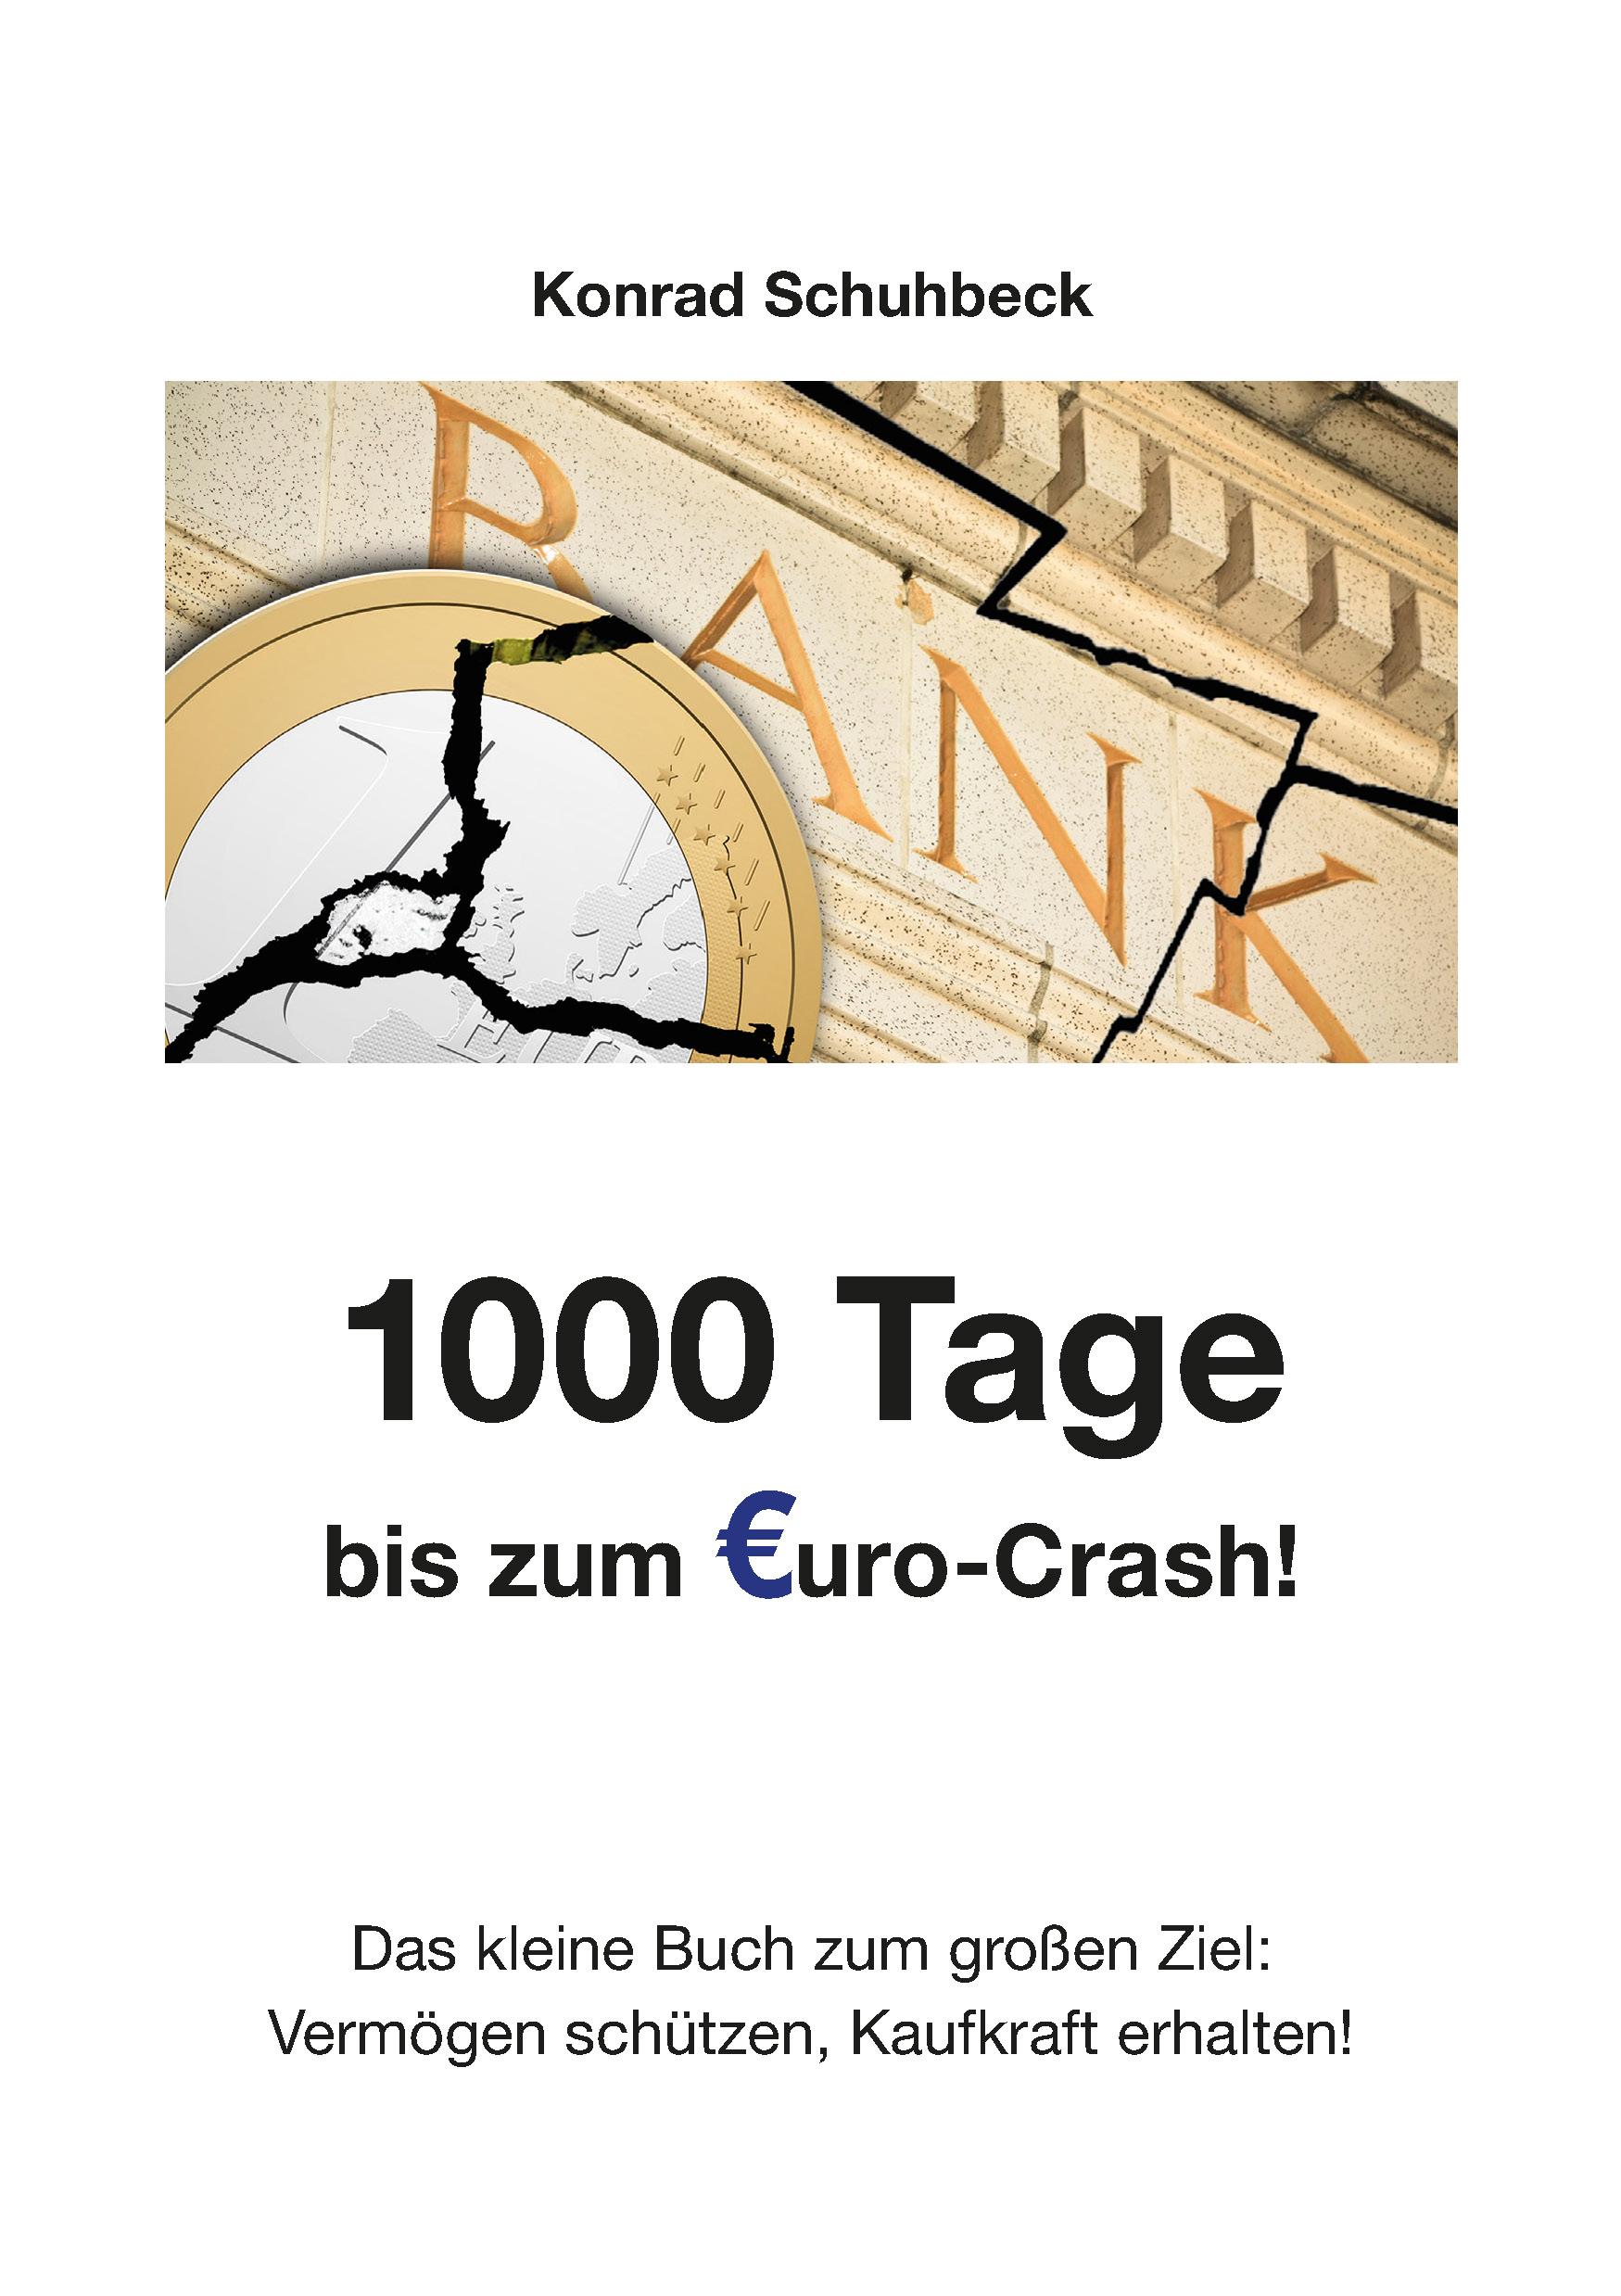 1000 Tage bis zum Euro-Crash!